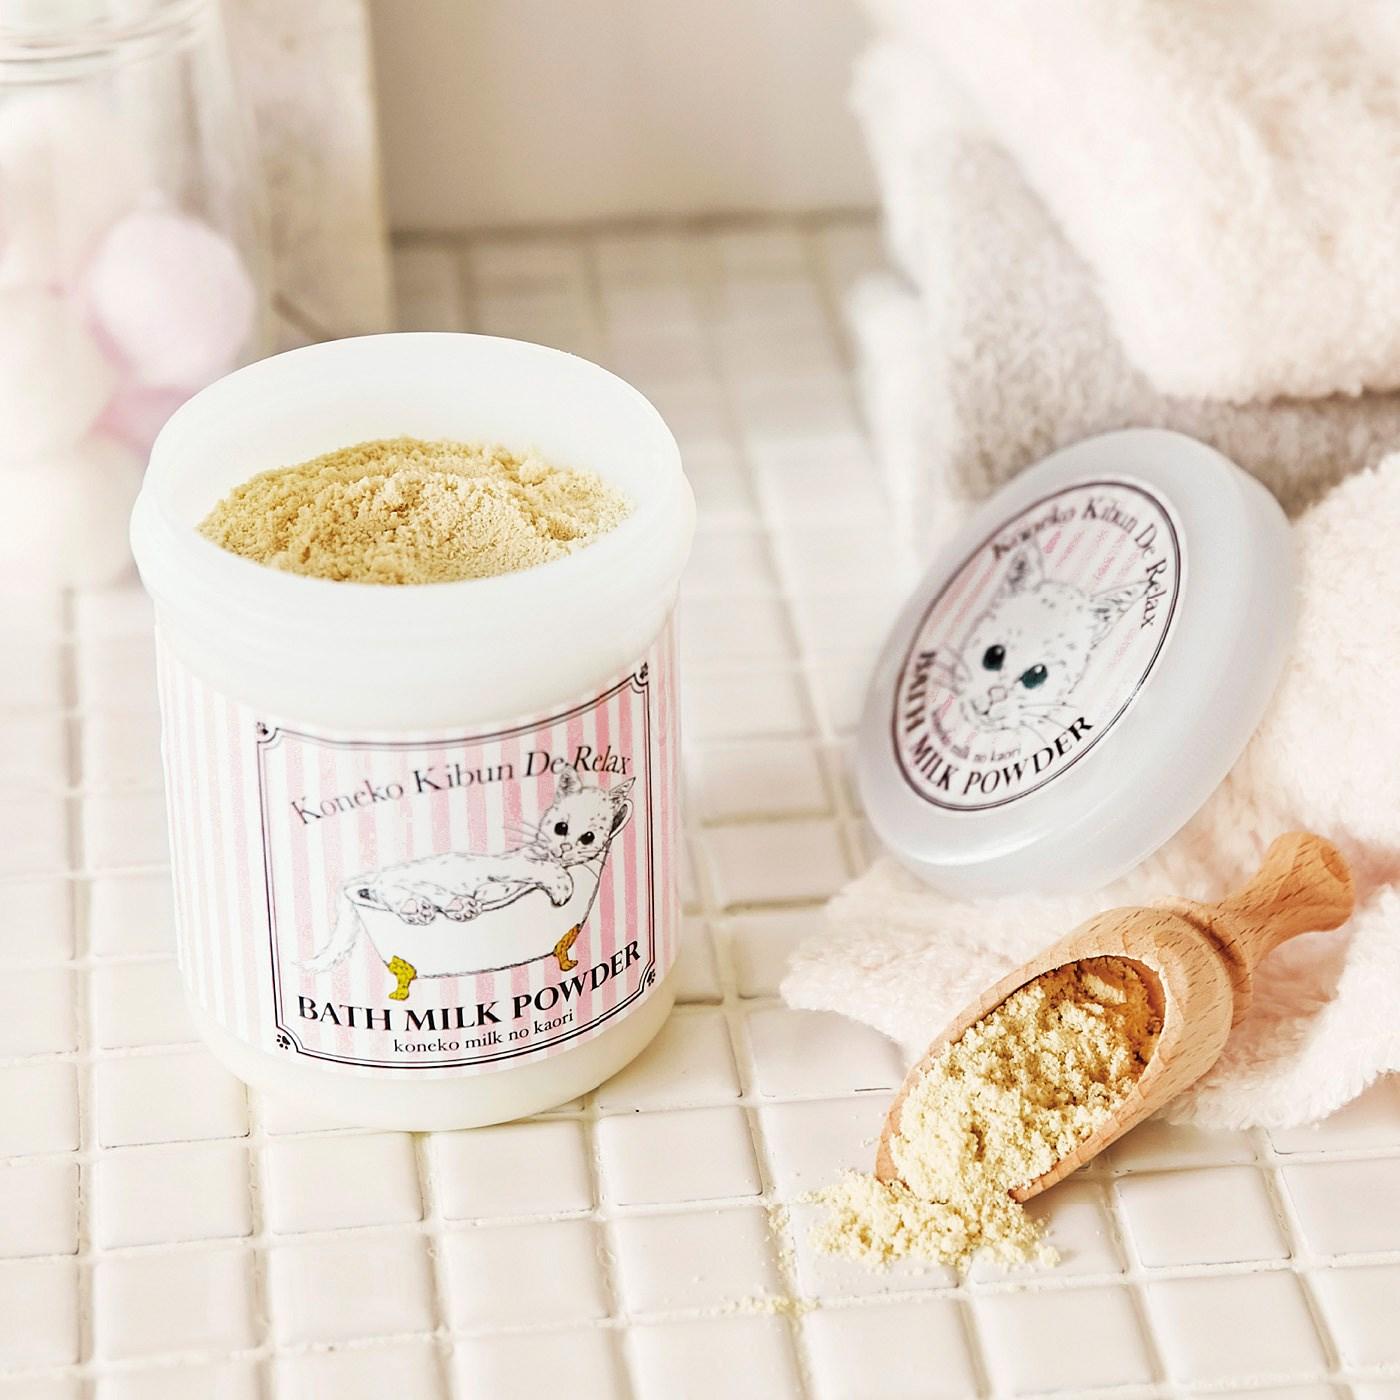 フェリシモ ミルクに夢中な子猫気分 バスミルクパウダー〈子猫ミルクの香り〉の会